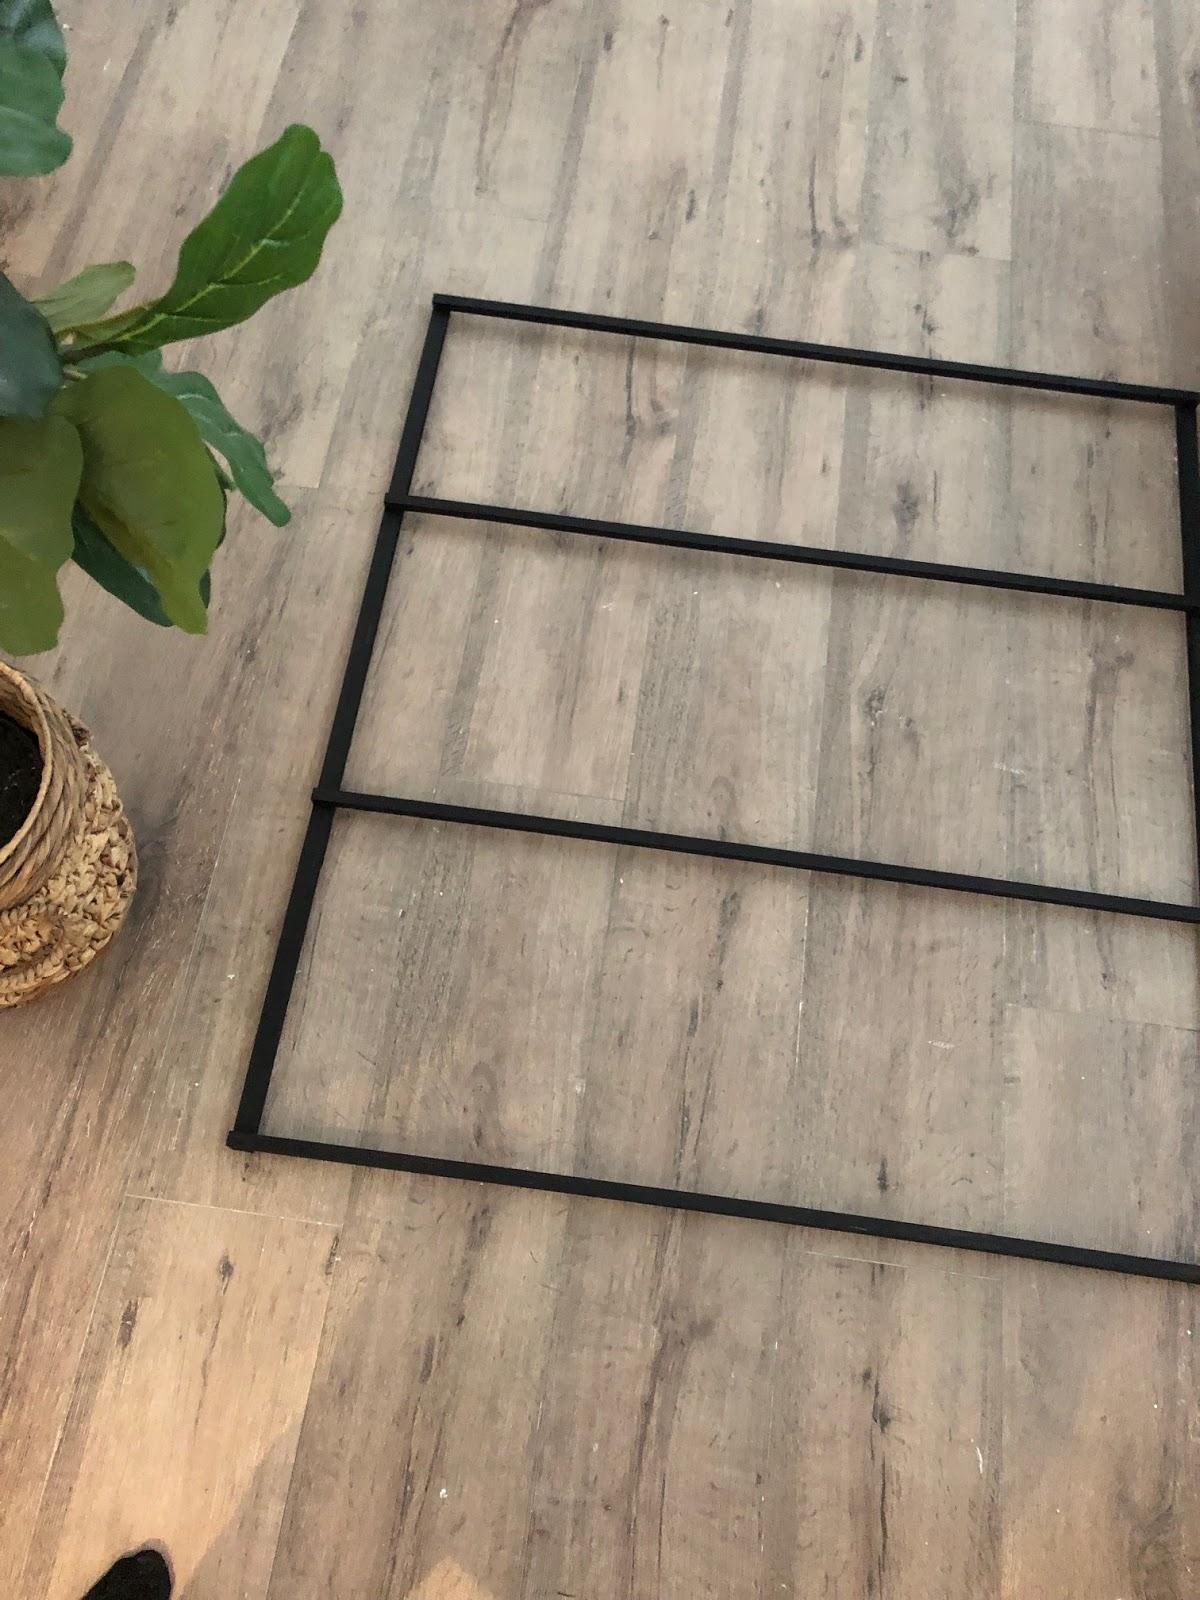 DIY-wall-mounted-pot-rack-5